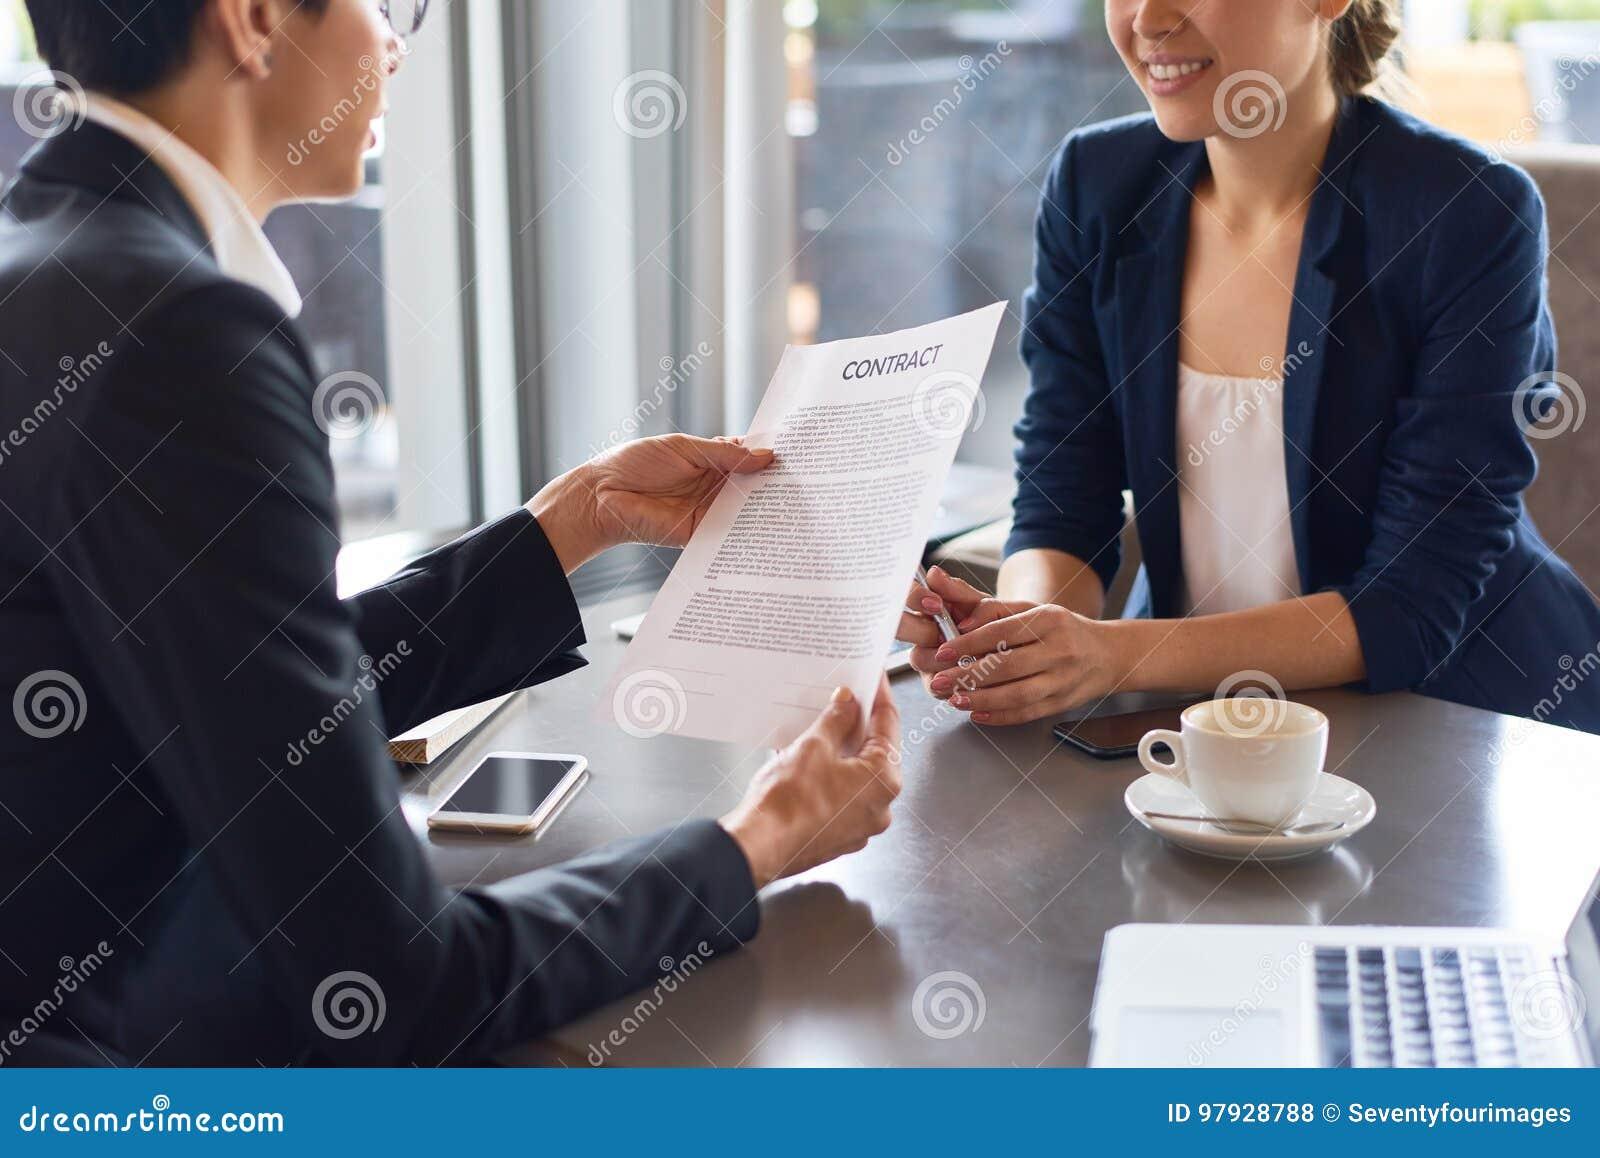 podpisuje cię z żonatym mężczyzną jak działa relatywna randka